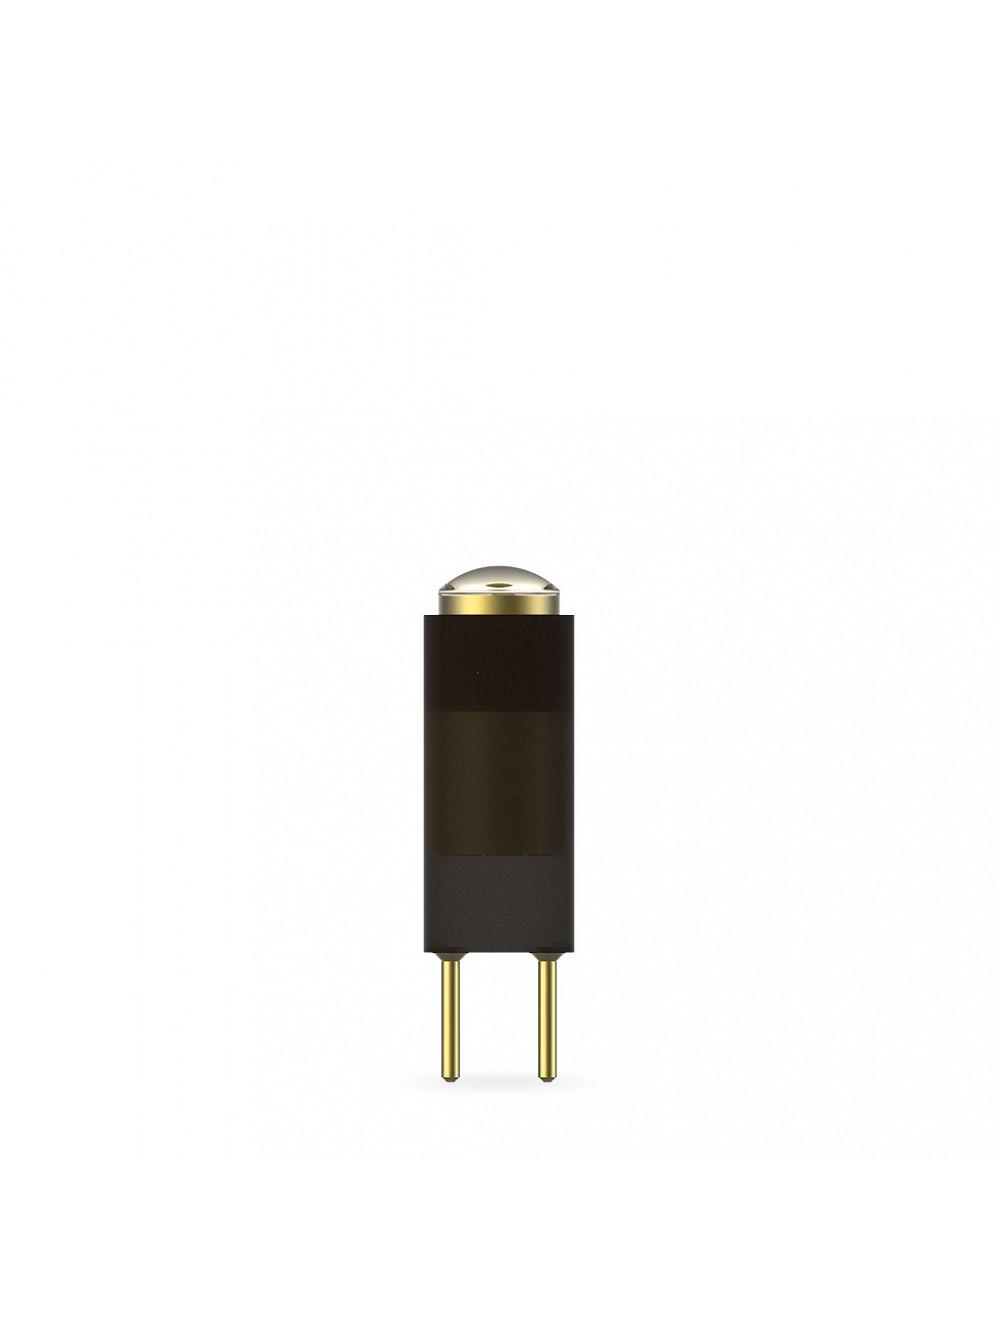 Das Produkt MK-dent LED Lampe BU8012F aus dem Global-dent online shop.